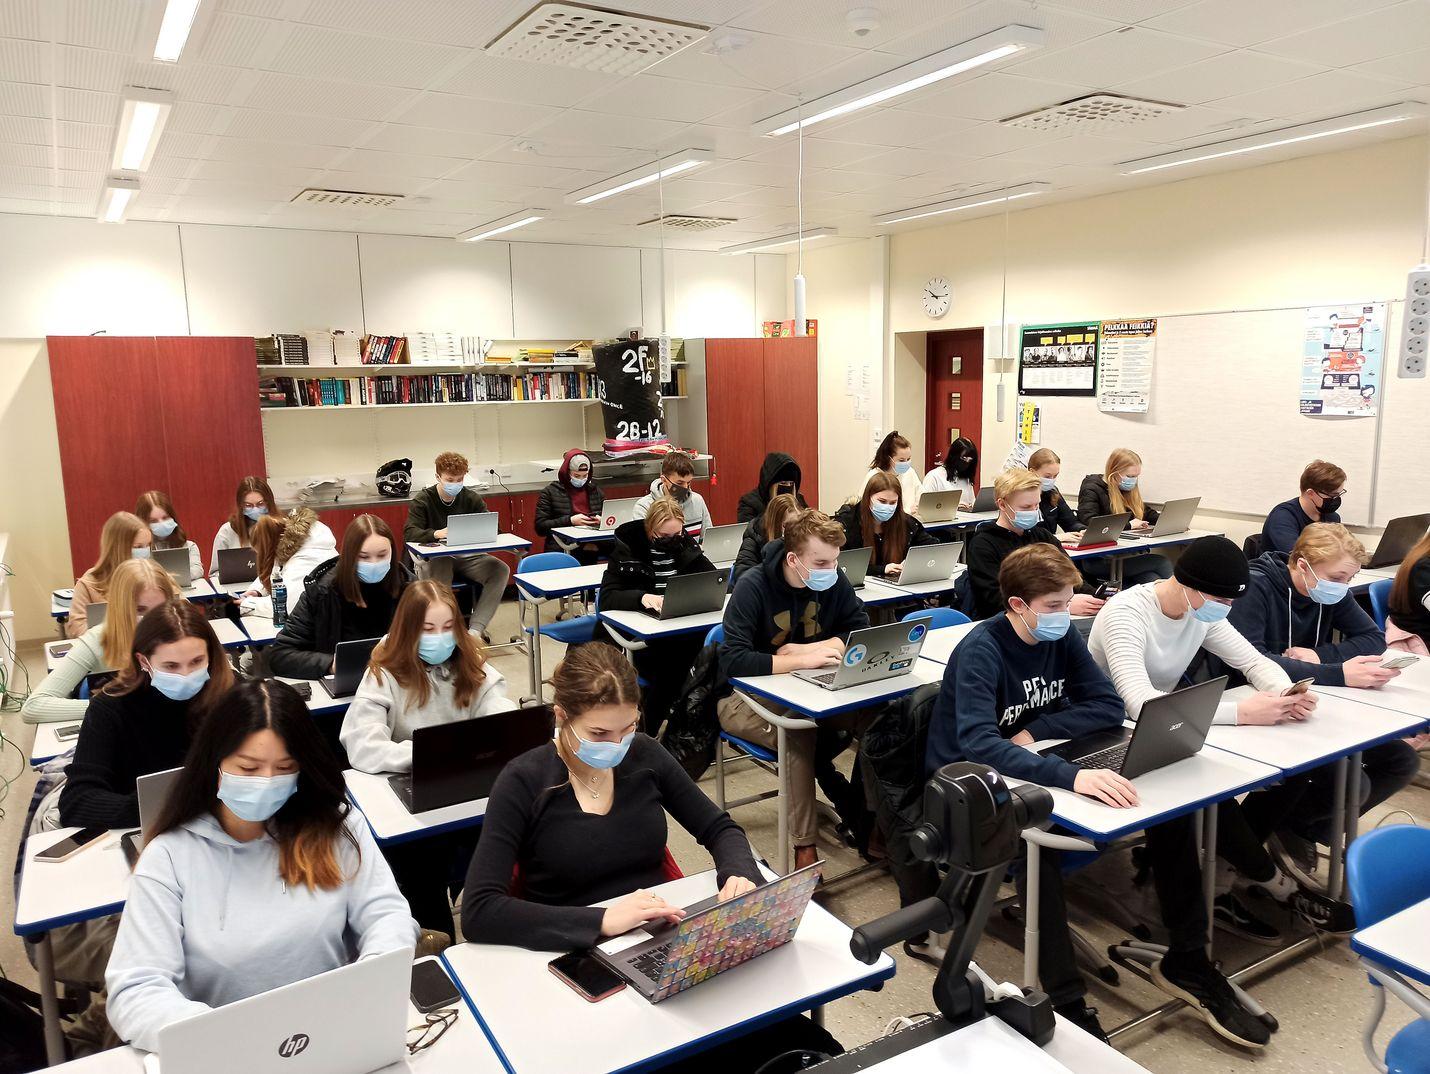 """Porin suomalaisen yhteislyseon lukion ensimmäisen vuoden opiskelijat tiesivät hyvin muun muassa """"joutilaan"""" ja """"lakan"""" merkitykset. Sen sijaan """"repsikka"""", """"kohmelo"""" ja """"huikentelevainen"""" tuottivat suuria vaikeuksia."""